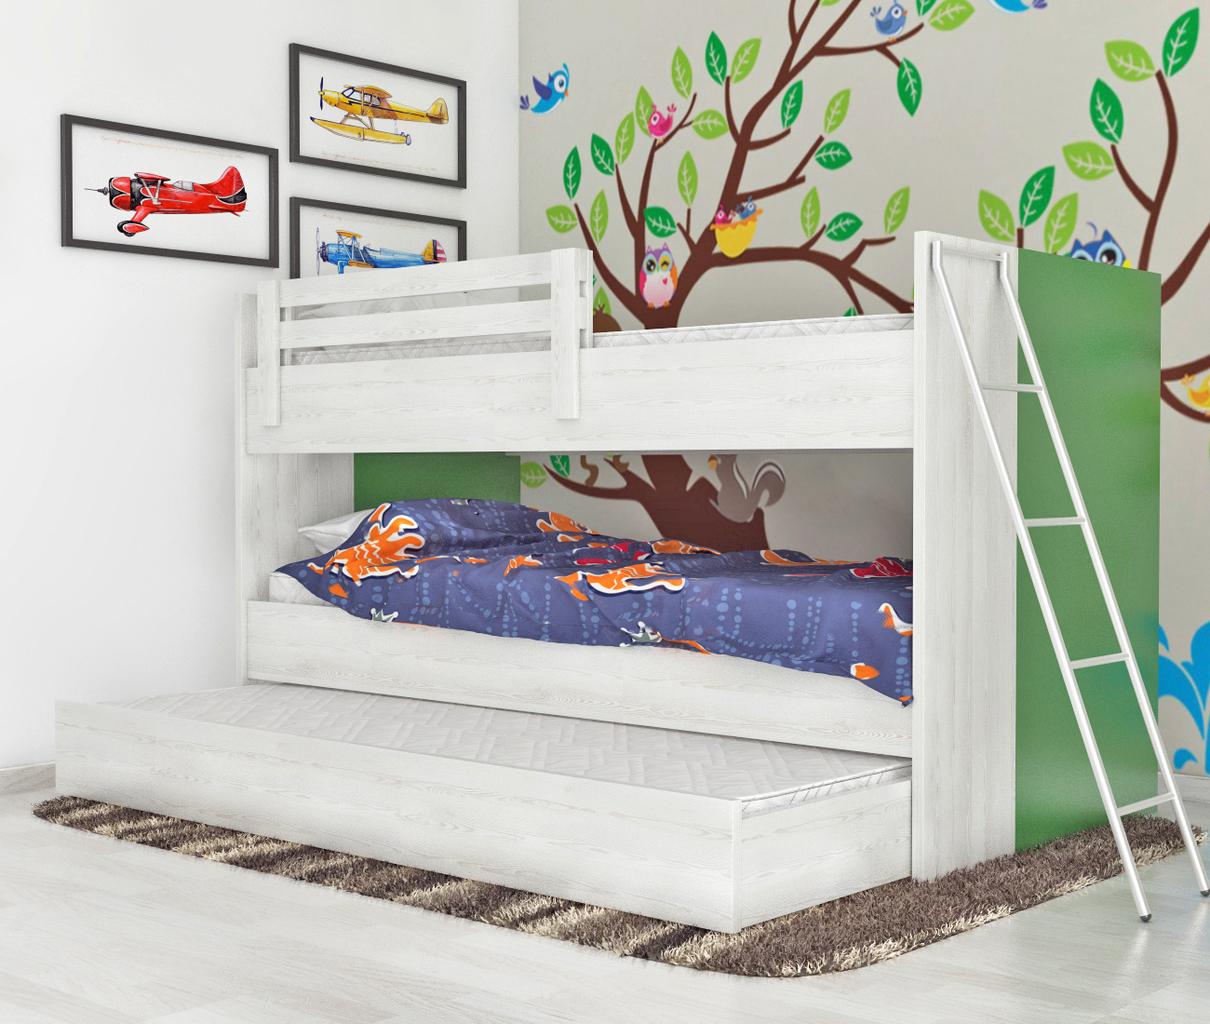 bfe6e307b18 διωροφα παιδικα κρεβατια νεοσετ Παιδικά Κρεβάτια Κουκέτες Skroutz.gr  διωροφα παιδικα κρεβατια νεοσετ ...